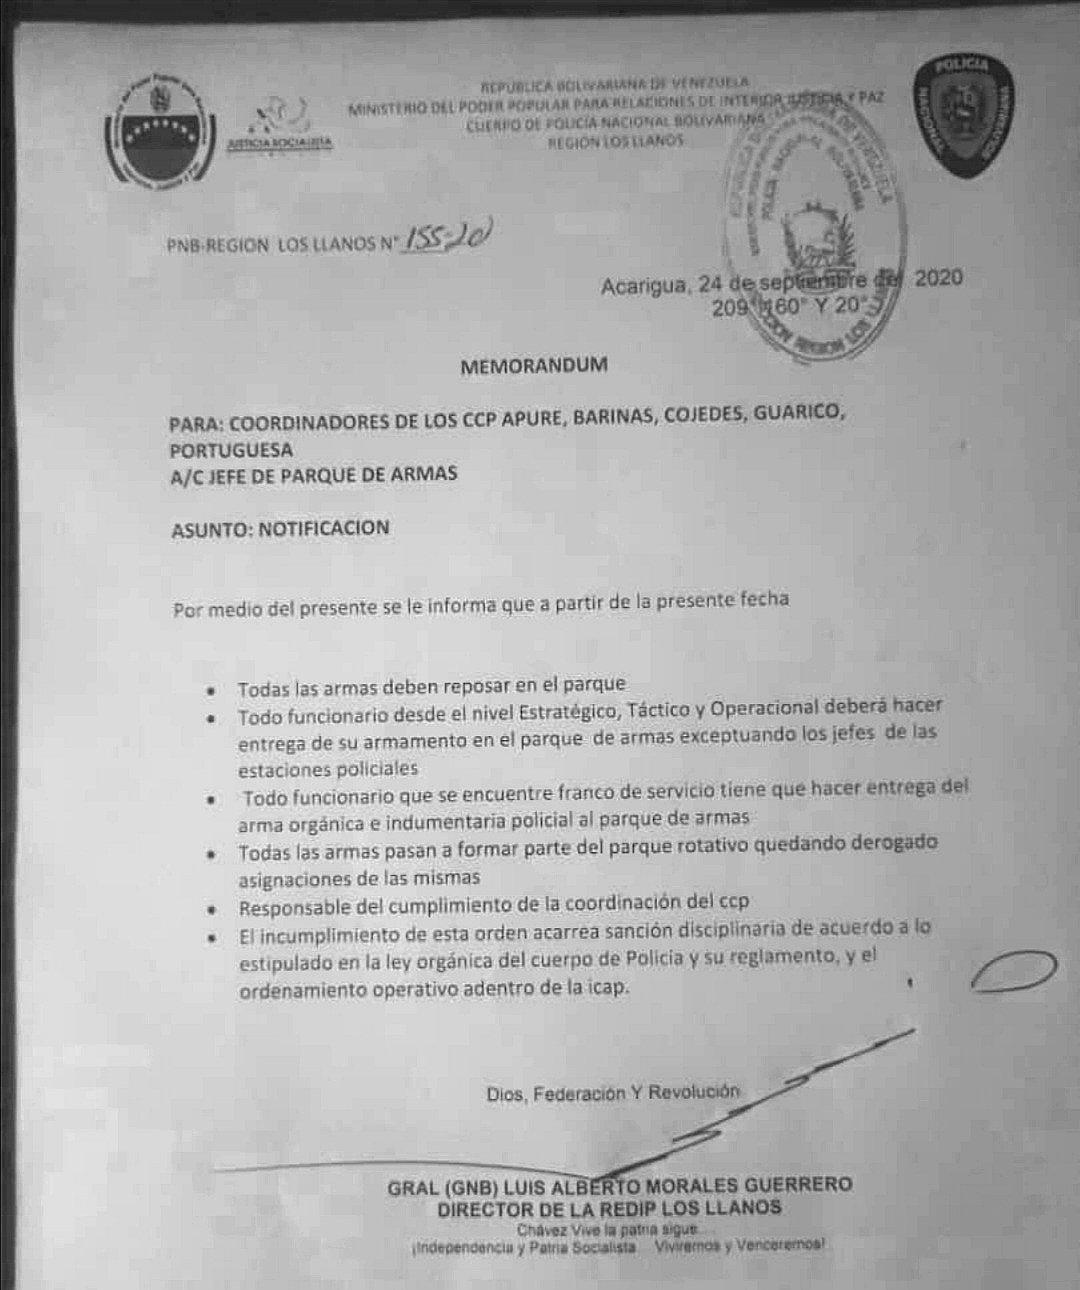 Lo que reveló ex presidente Pastrana sobre acciones de Maduro para evitar rebelión militar 2